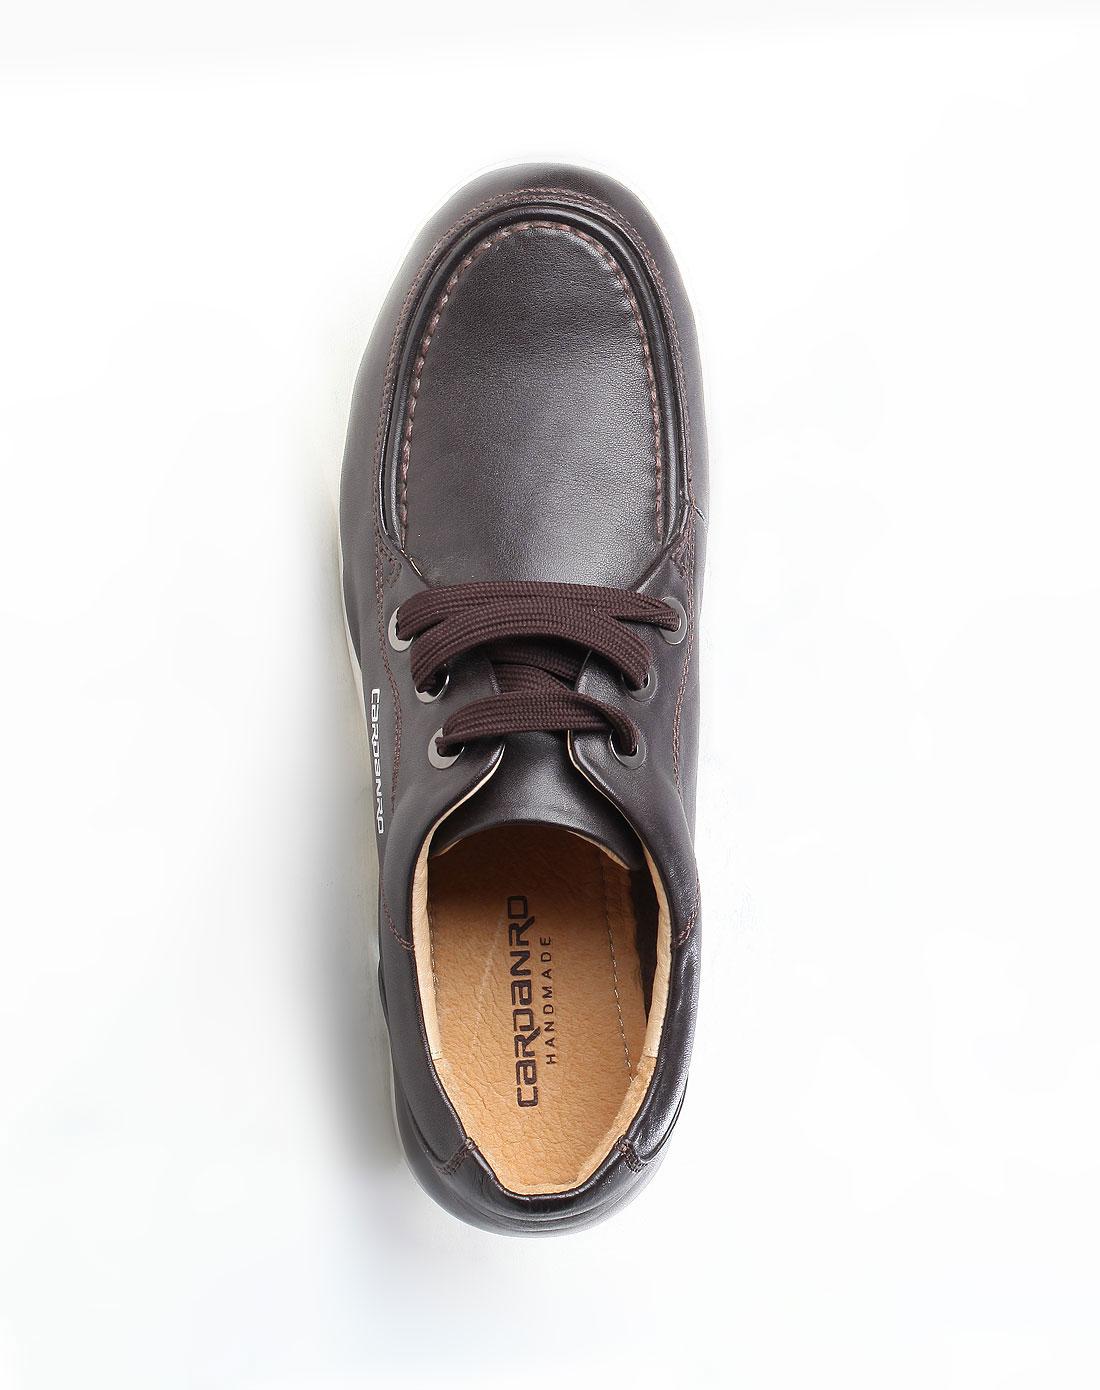 深棕色时尚系带皮鞋_卡丹路cardanro官网特价2-4